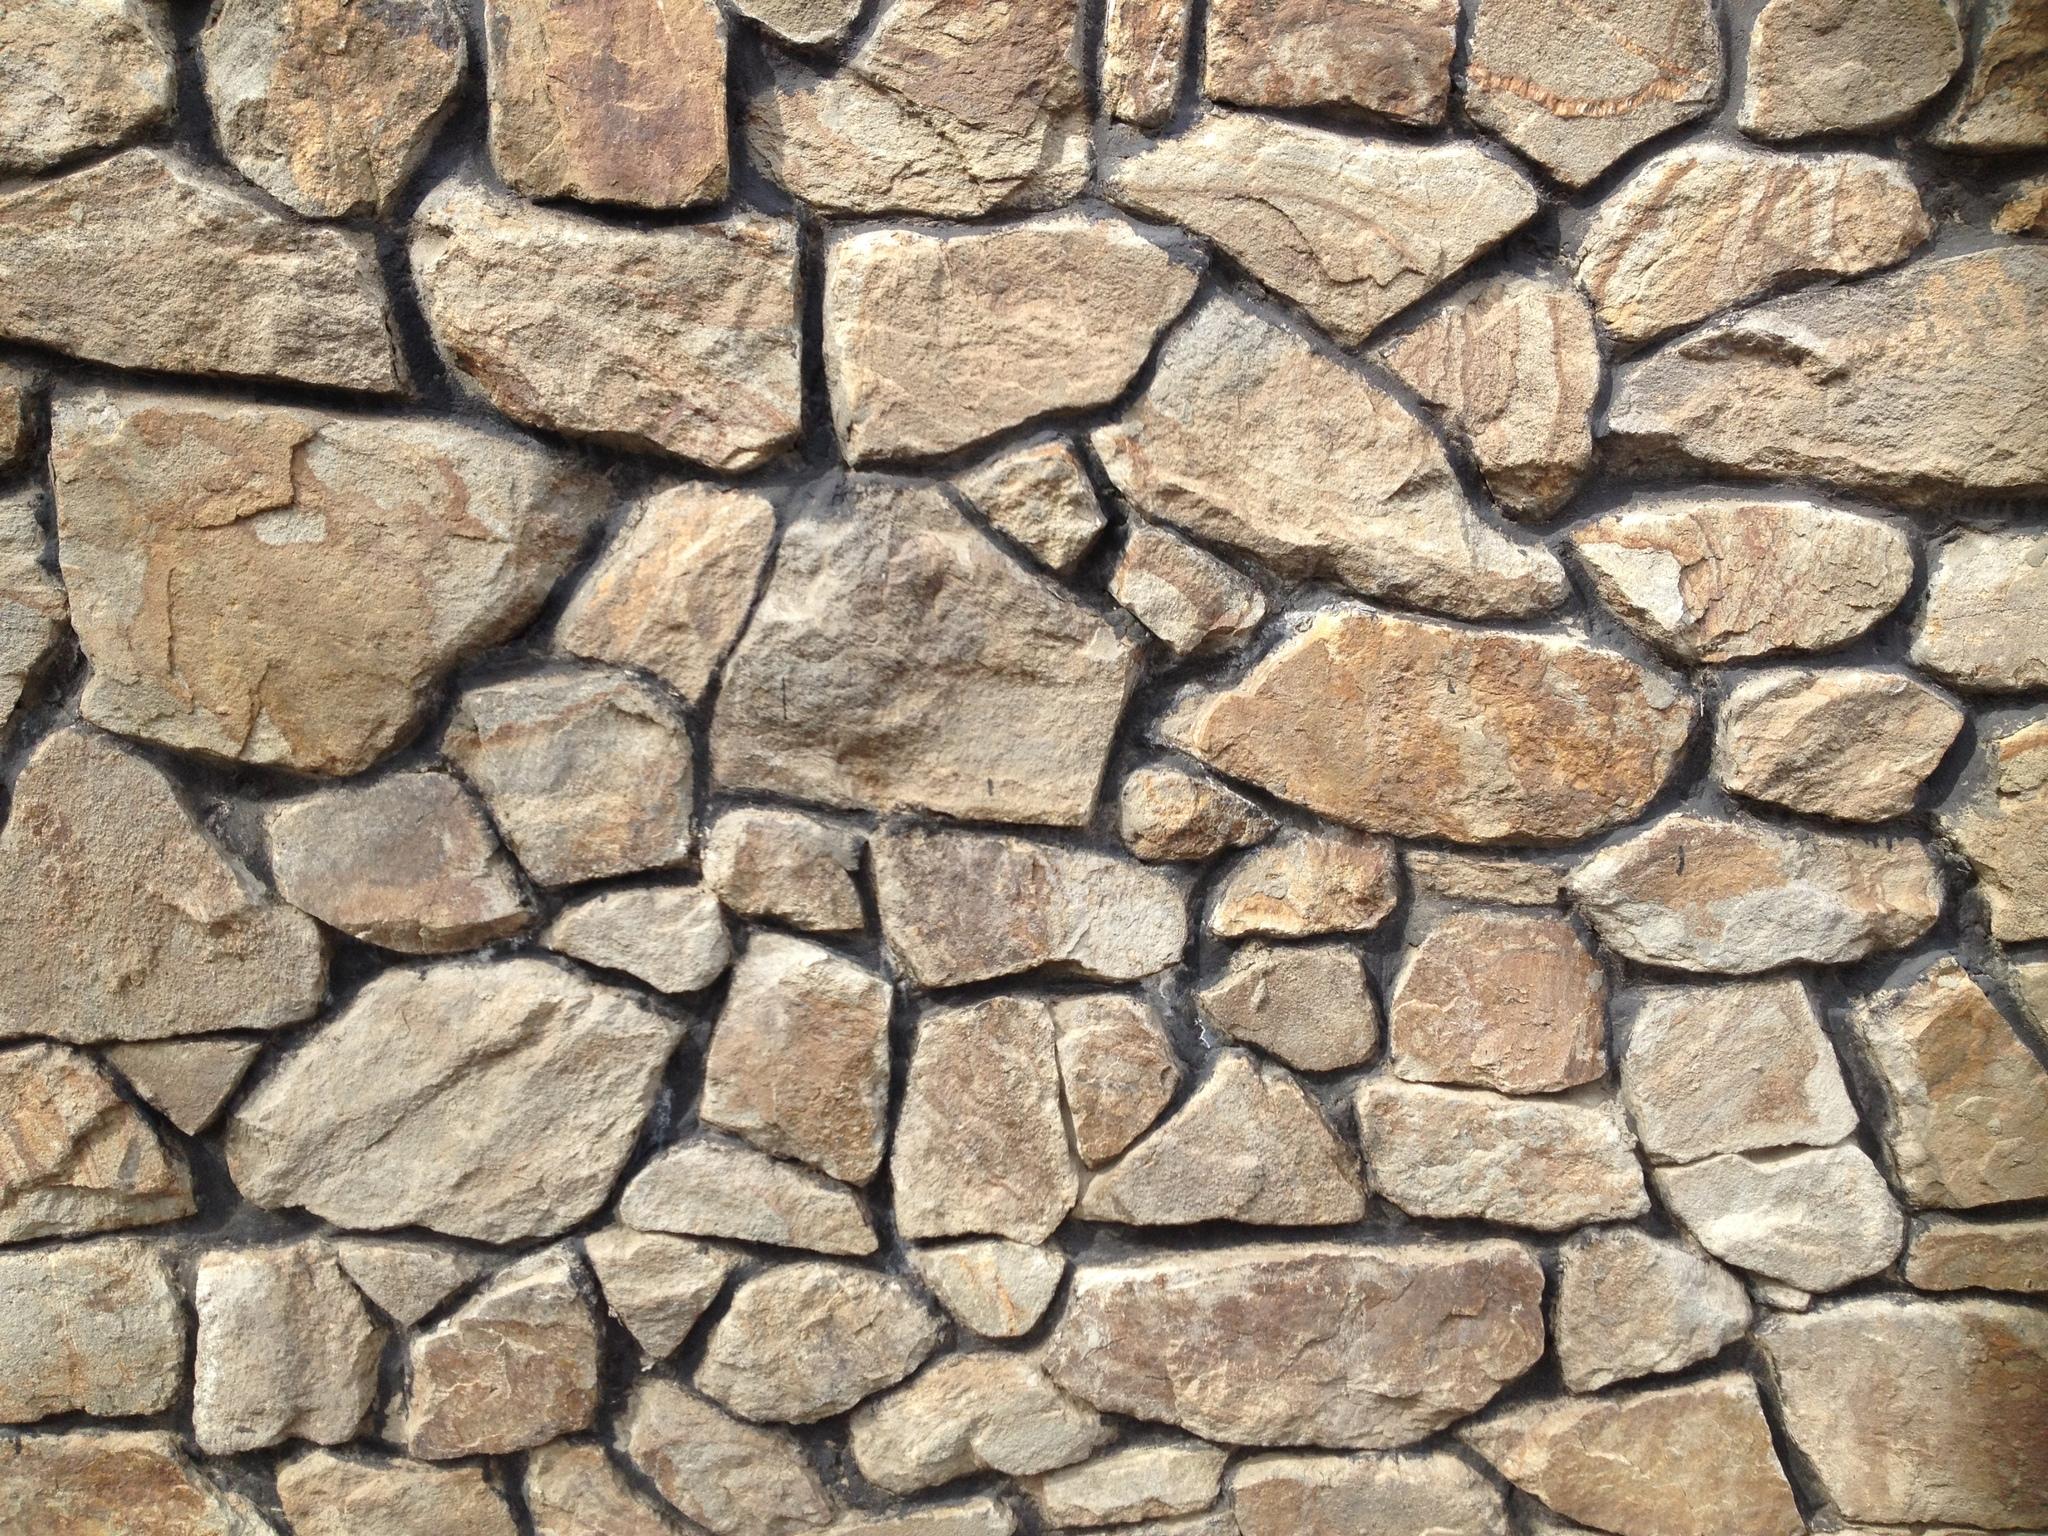 Бутовый камень ландшафтный Орех образец кладки